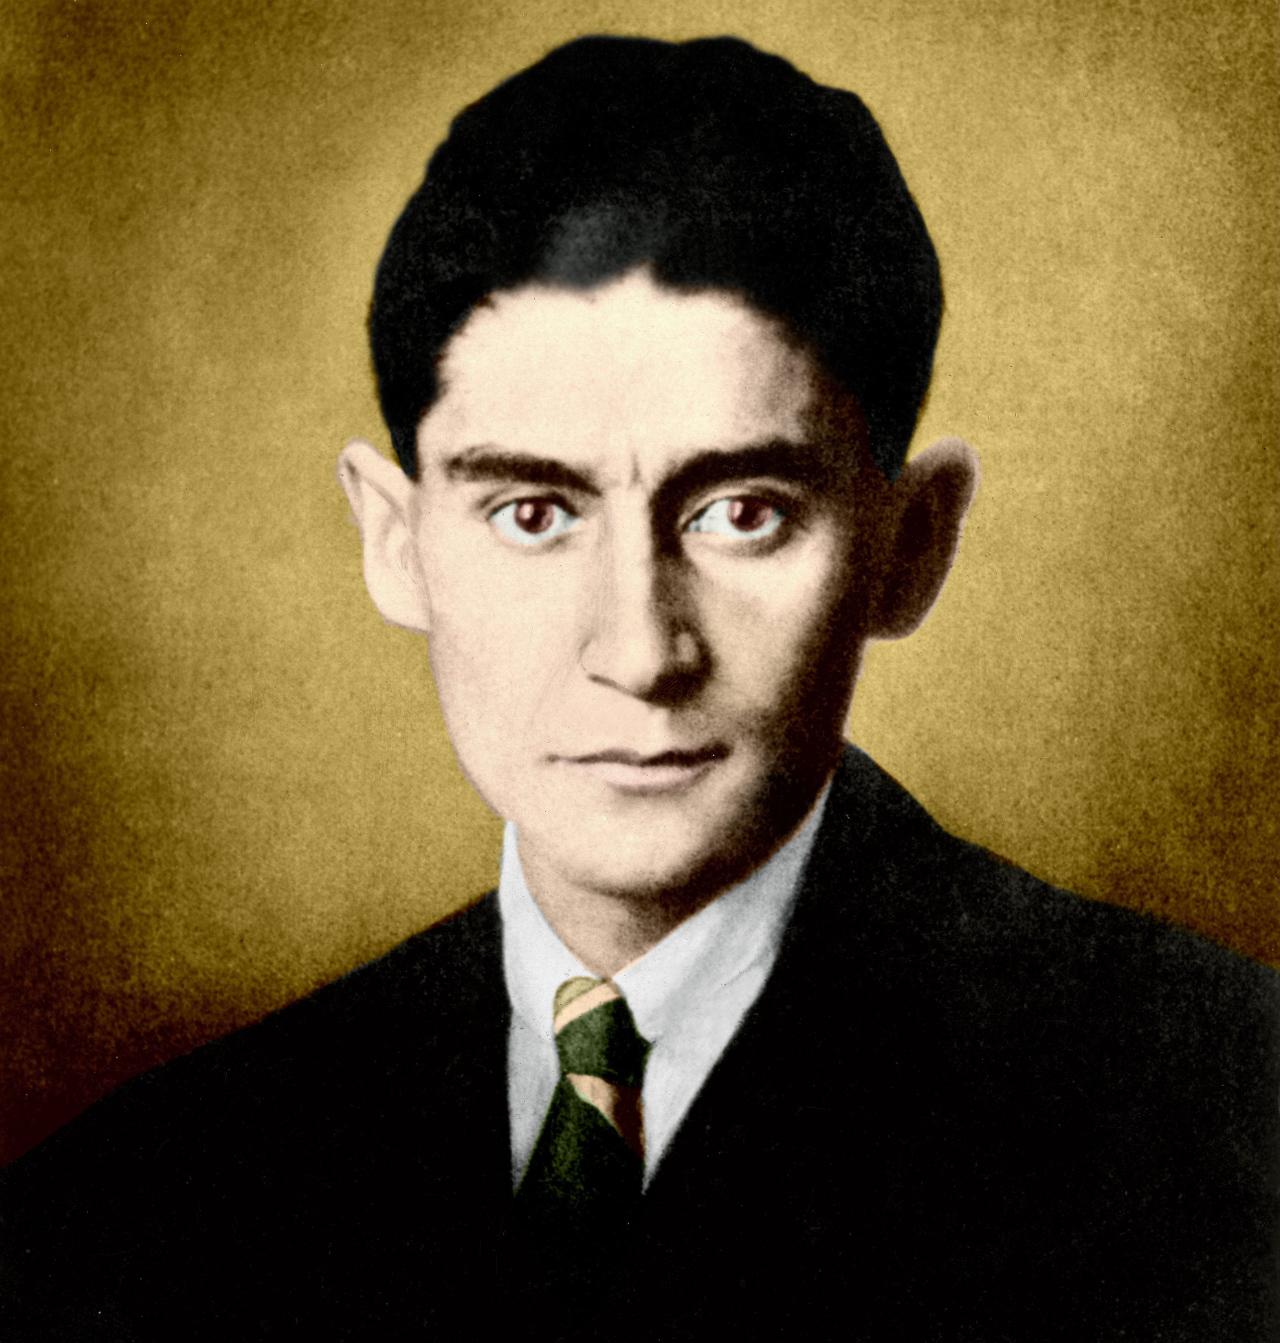 Zitat: Porträtfoto des Schriftstellers Franz Kafka, nachtraeglich koloriert, Oktober 1923. Prinzip Apfelbaum – Magazin über das, was bleibt. Ausgabe: Vertrauen. Foto: picture alliance / ullstein bild | ullstein bild